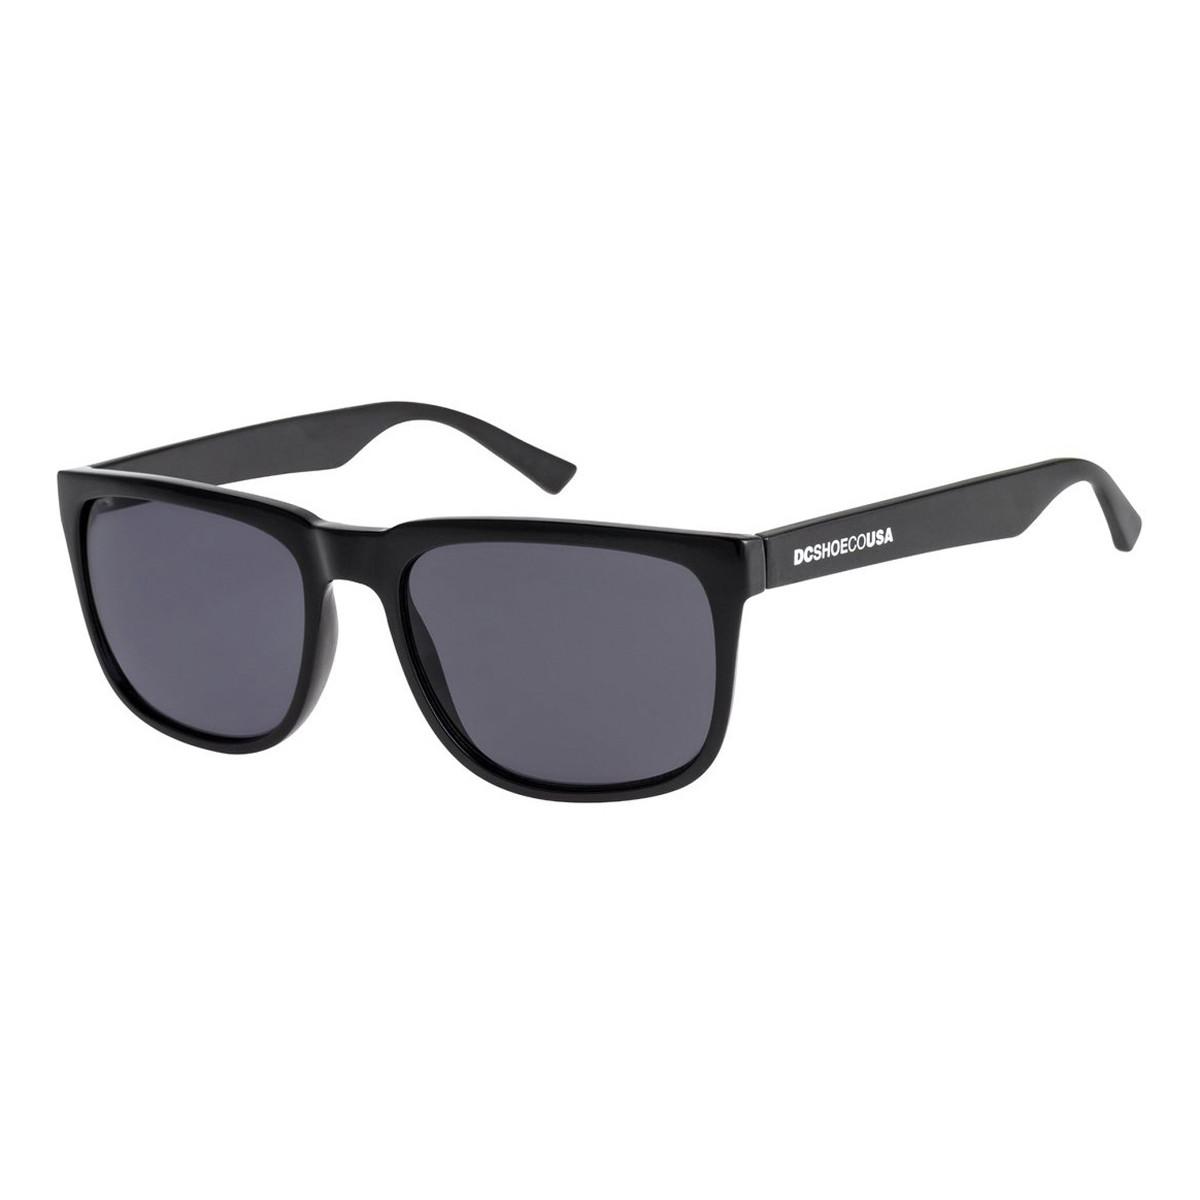 DC Sonnenbrille Shades 2 Schwarz Pt1U7